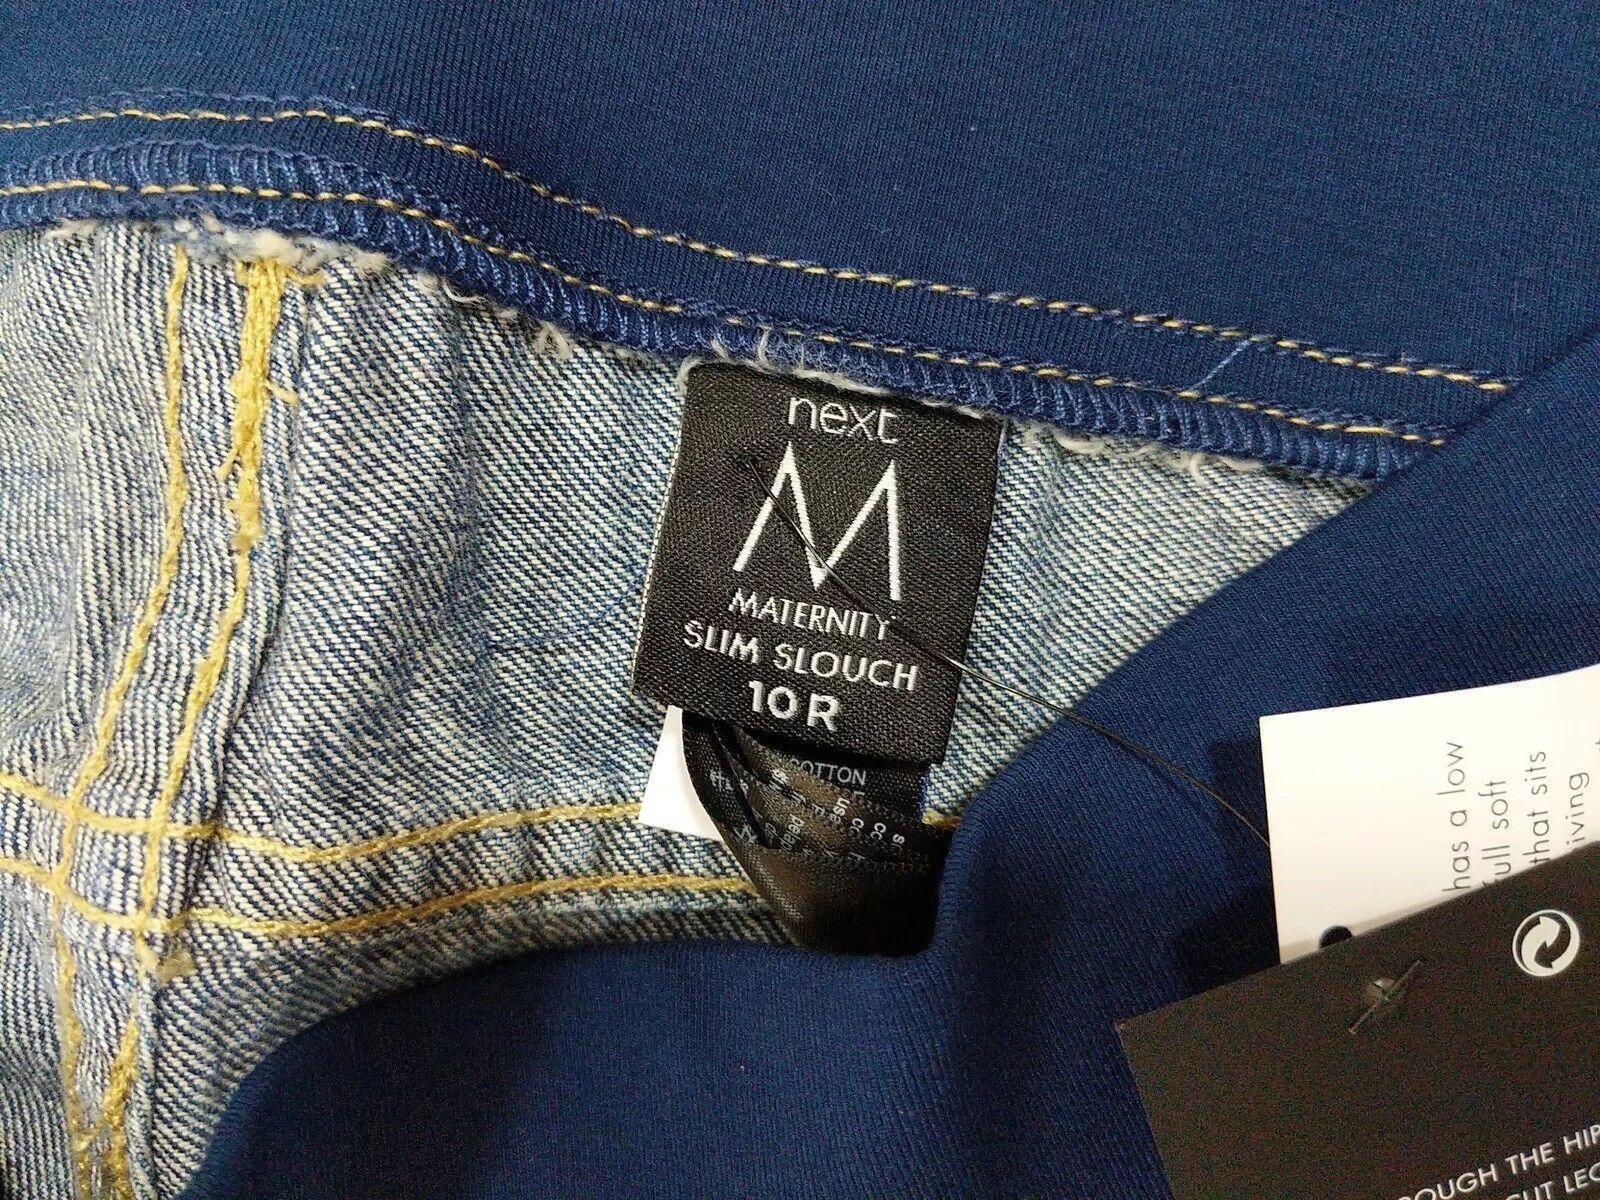 NEXT Maternity Slim Slouch Stretch Cropped Jeans Neuf W32 10R W32 Neuf L26 448922